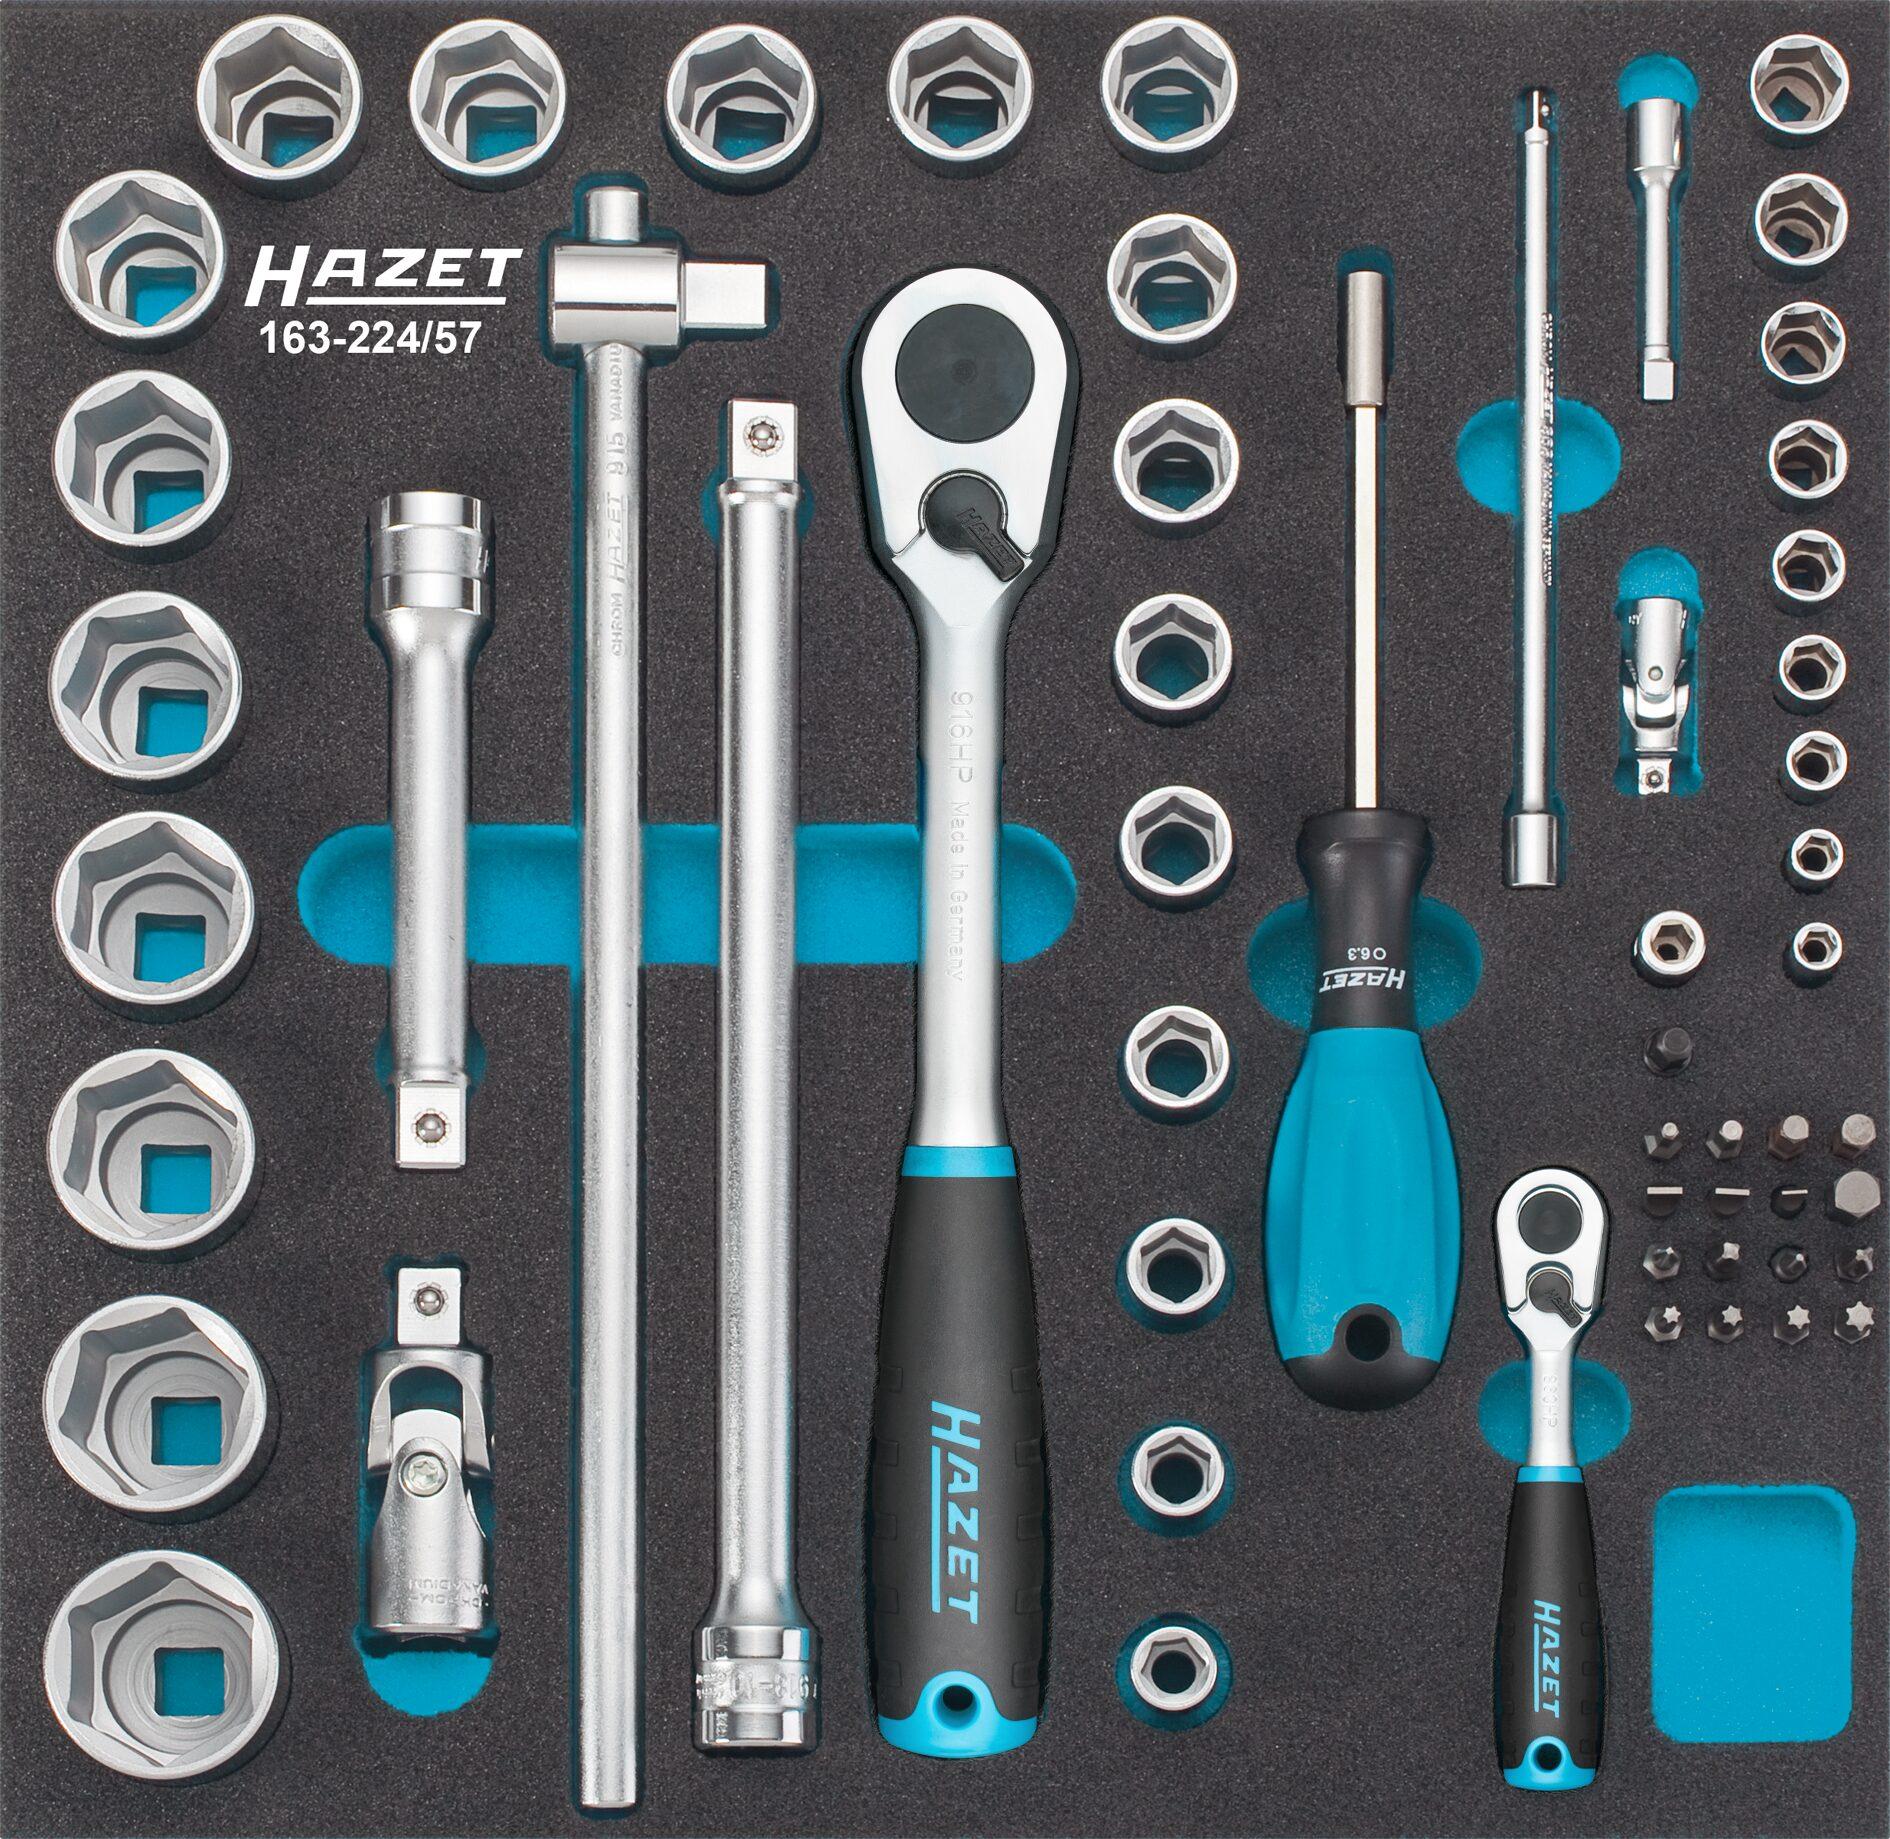 HAZET Steckschlüssel- / Schraubendreher Satz 163-224/57 ∙ Anzahl Werkzeuge: 57